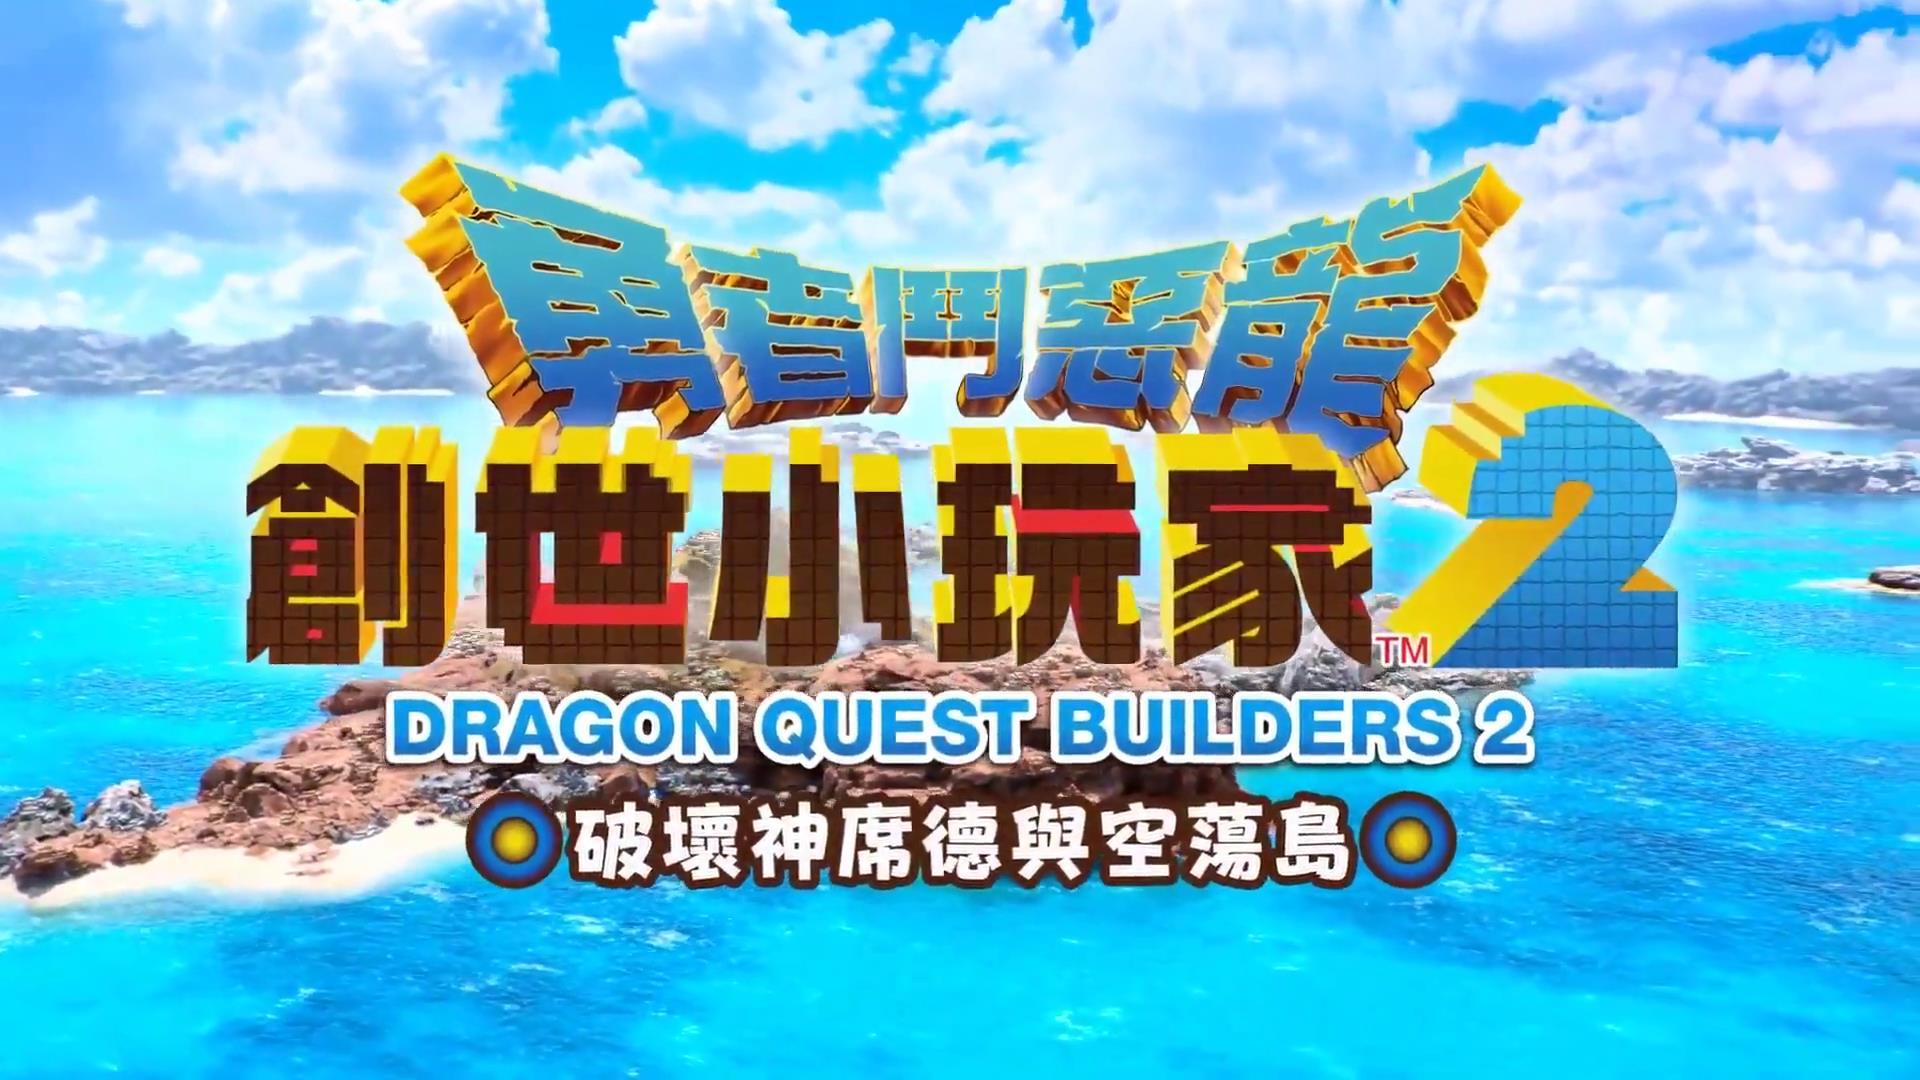 NS游戏《勇者斗恶龙 创世小玩家2》繁体中文版8月9日发售